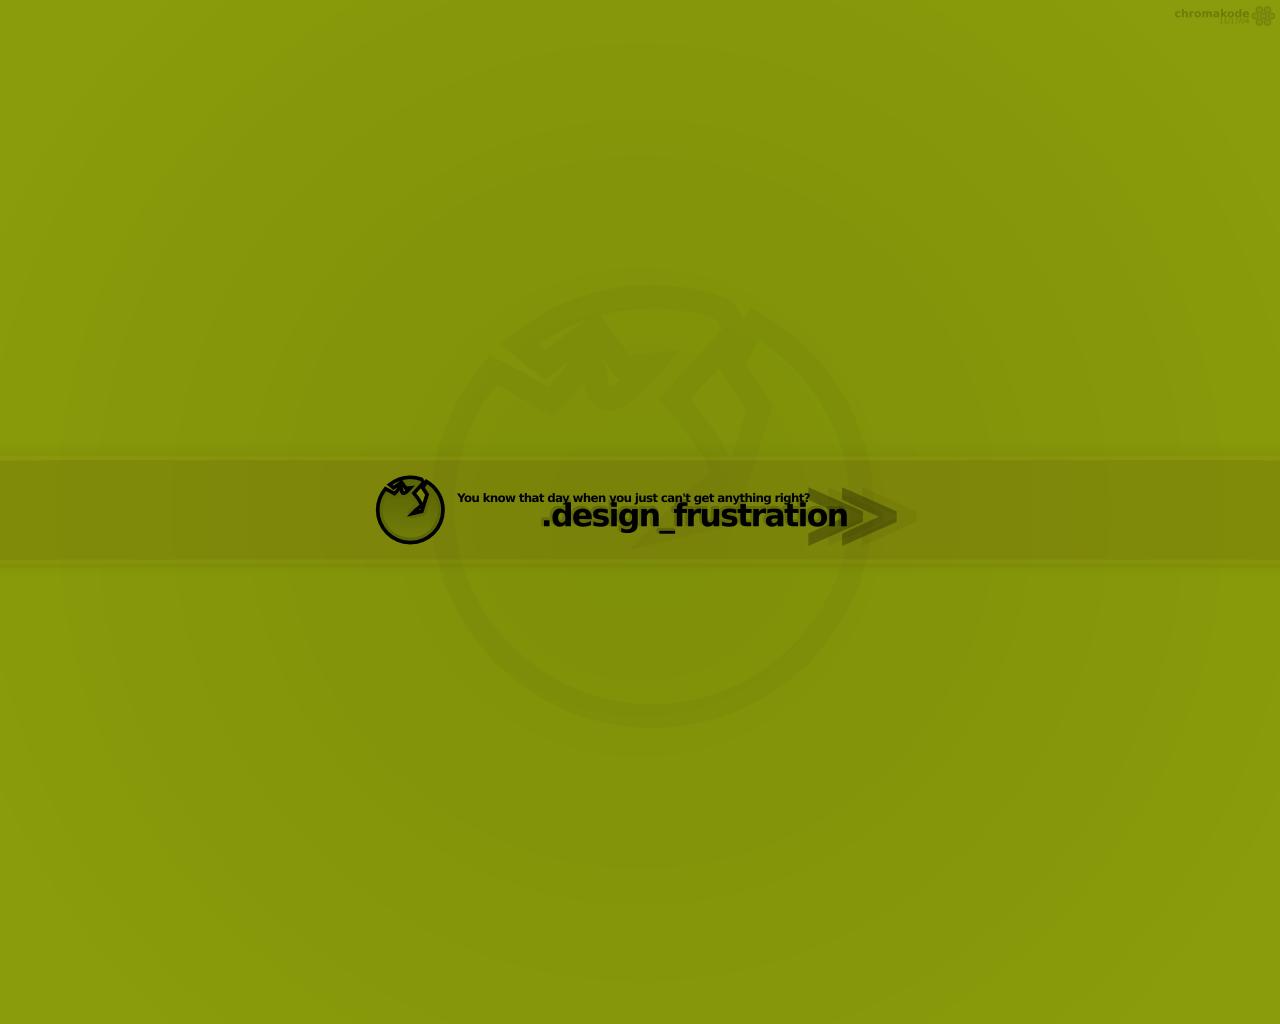 design frustration by Chromakode